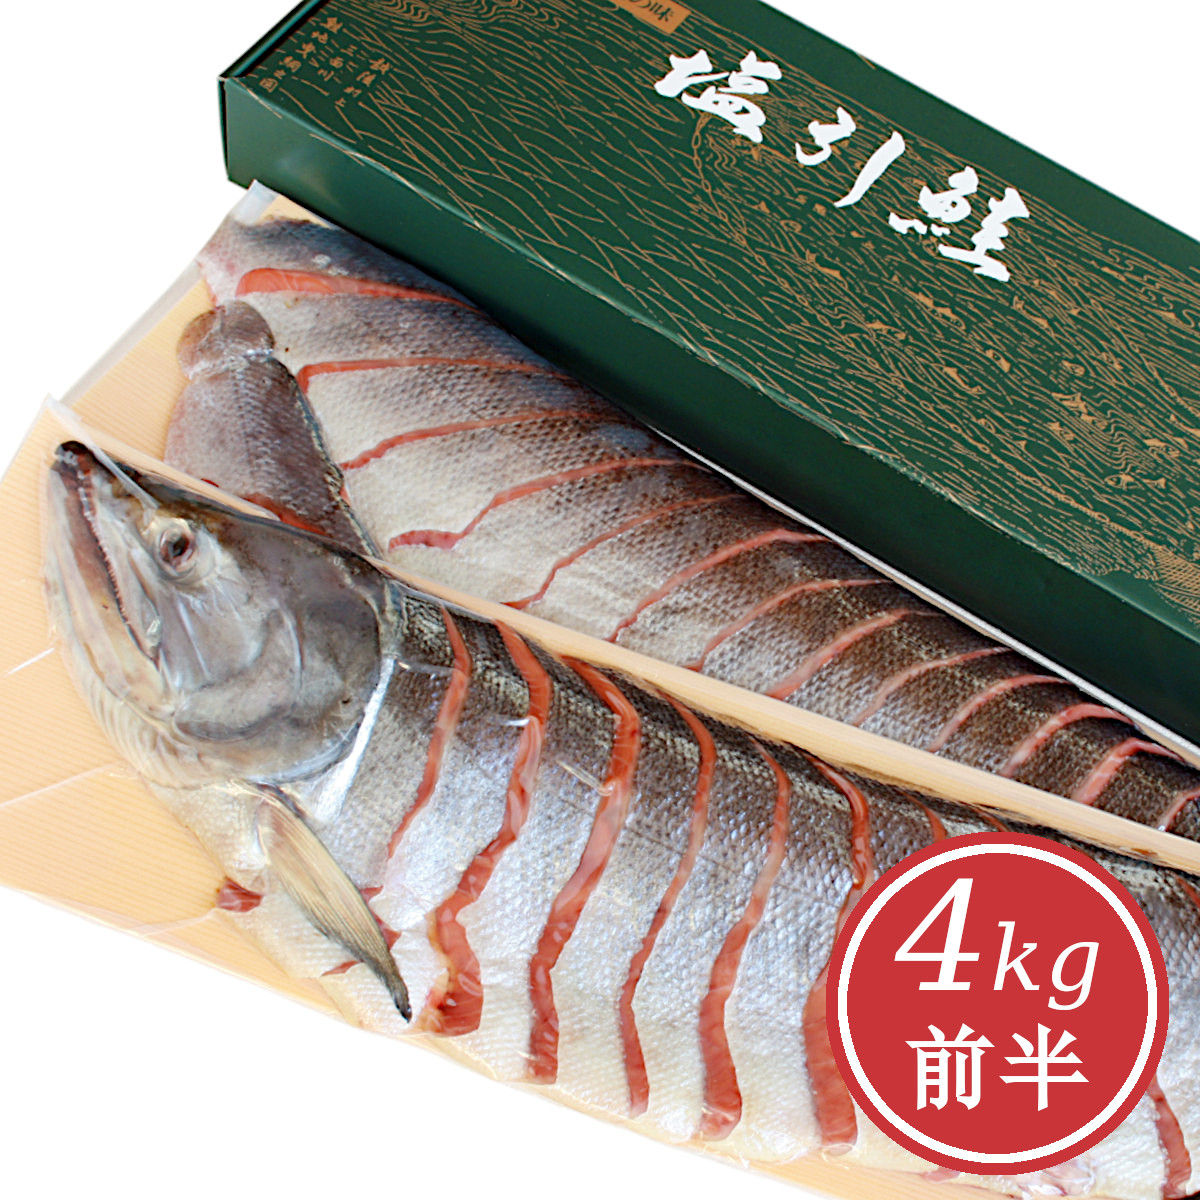 塩引鮭(塩引き鮭)切身姿造り4kg前半